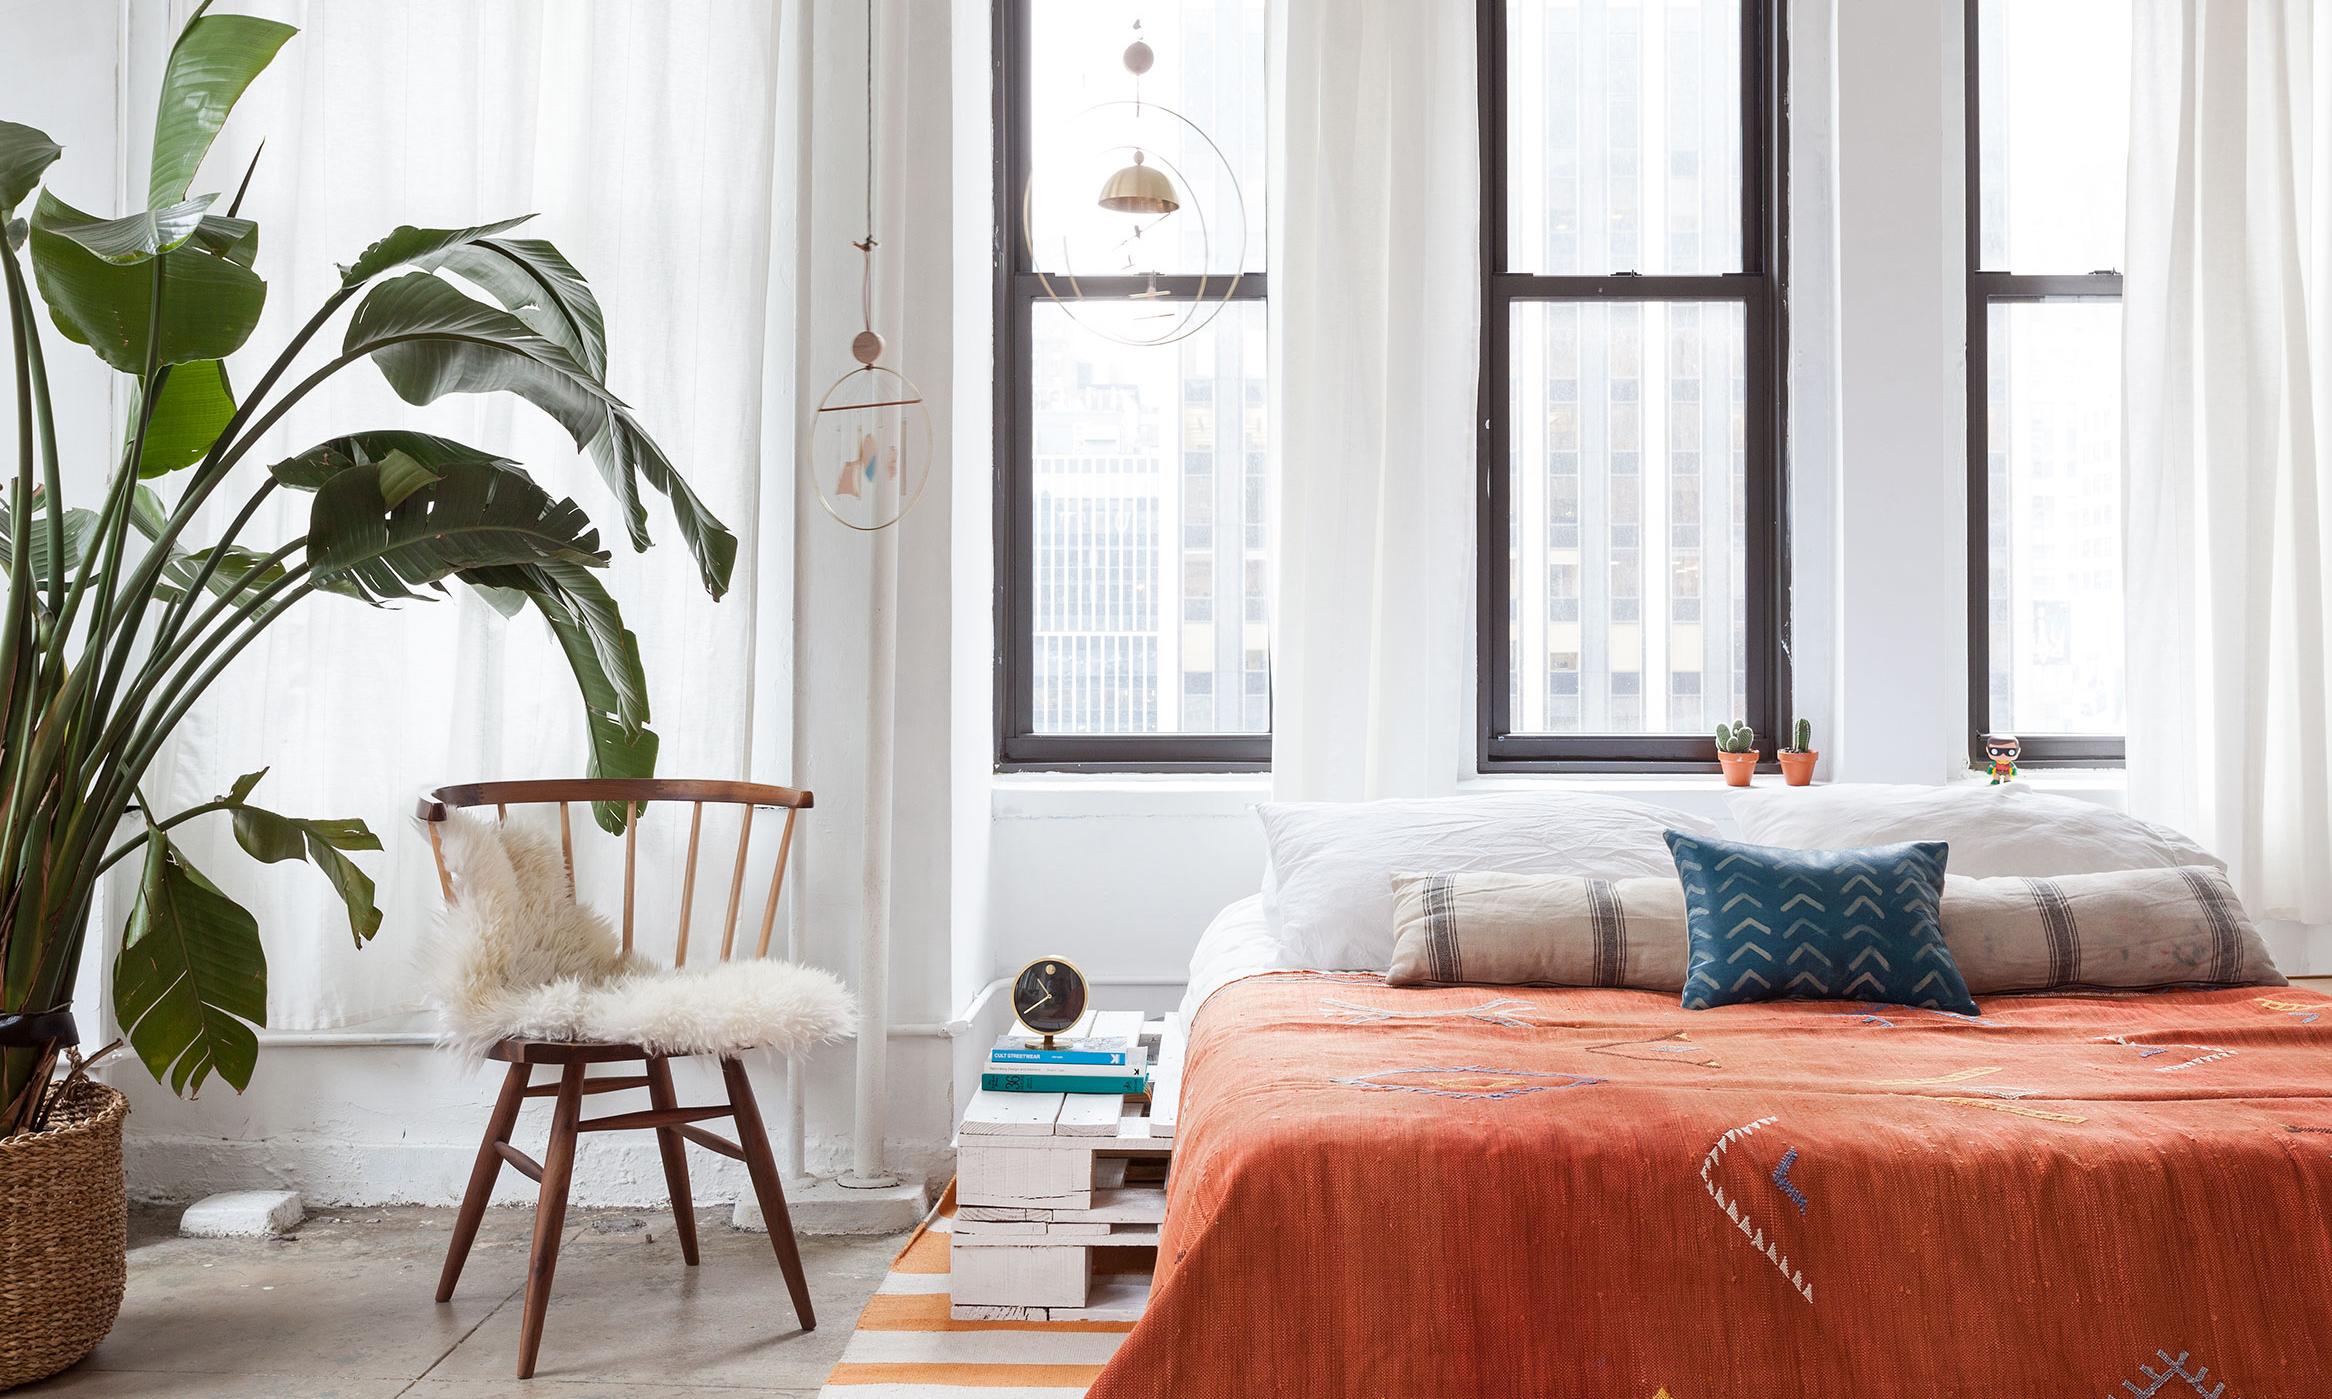 这家充满设计感的精品店开在公寓里/这家充满设计感的精品店开在公寓里